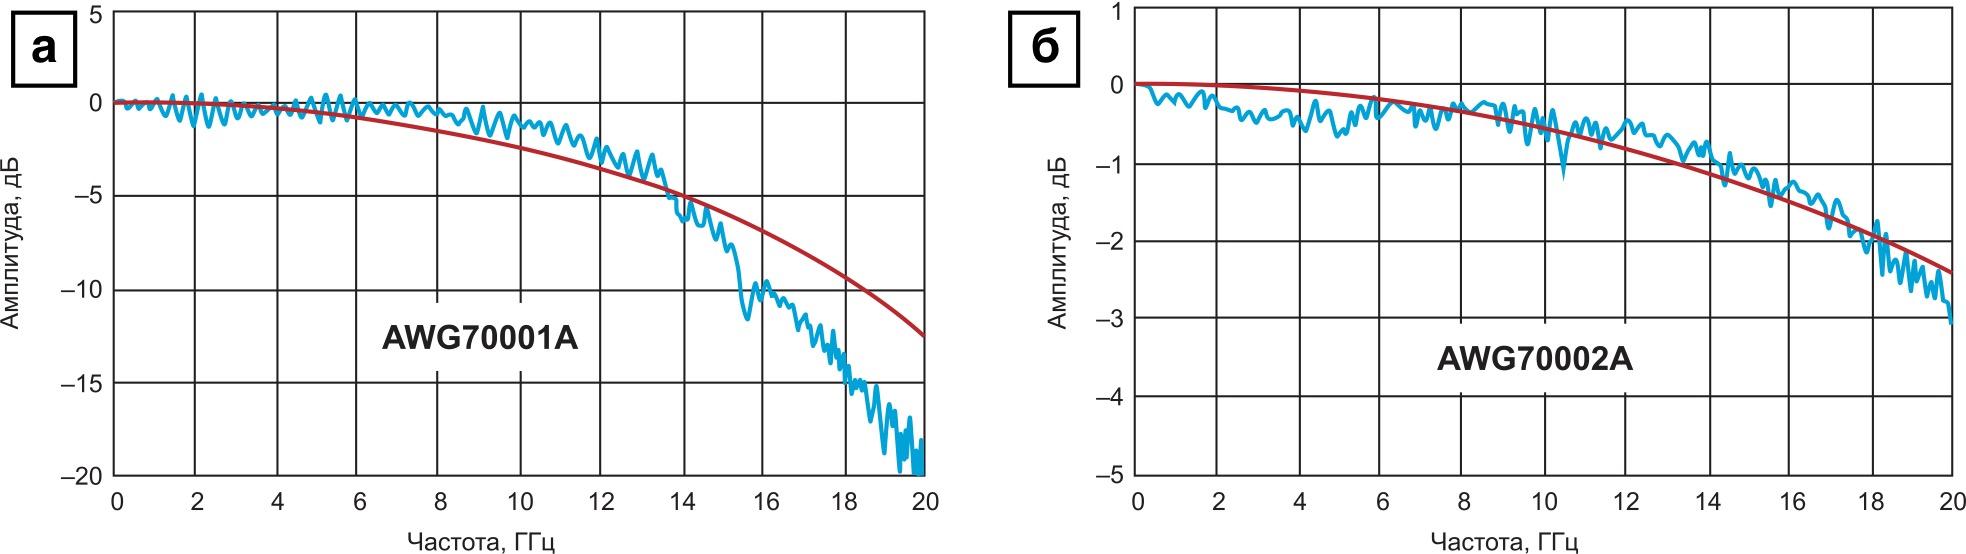 Сравнение спектра сигнала sin(x)/x с амплитудно-частотной характеристикой спектра у различных генераторов серии AWG70000